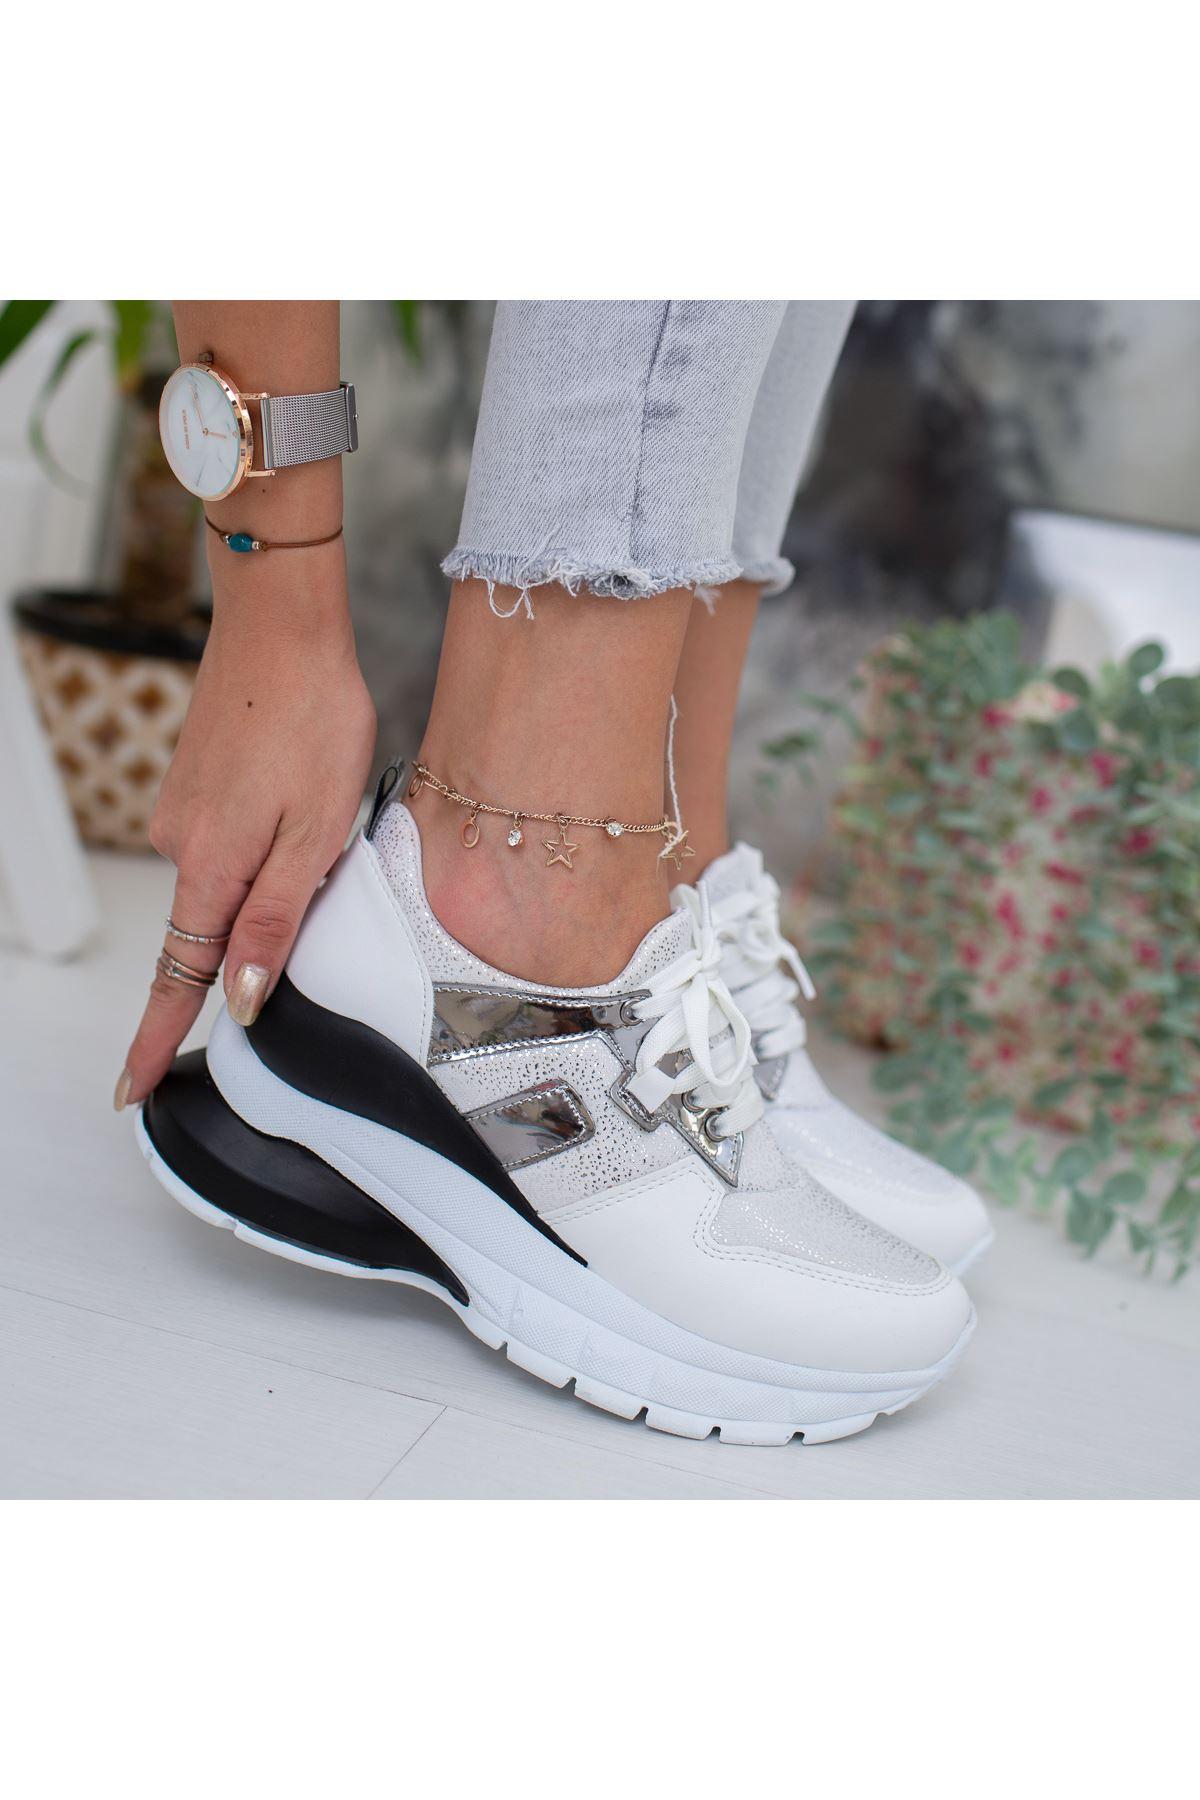 Dorsimo Beyaz Siyah Hologramlı Bayan Spor Ayakkabı